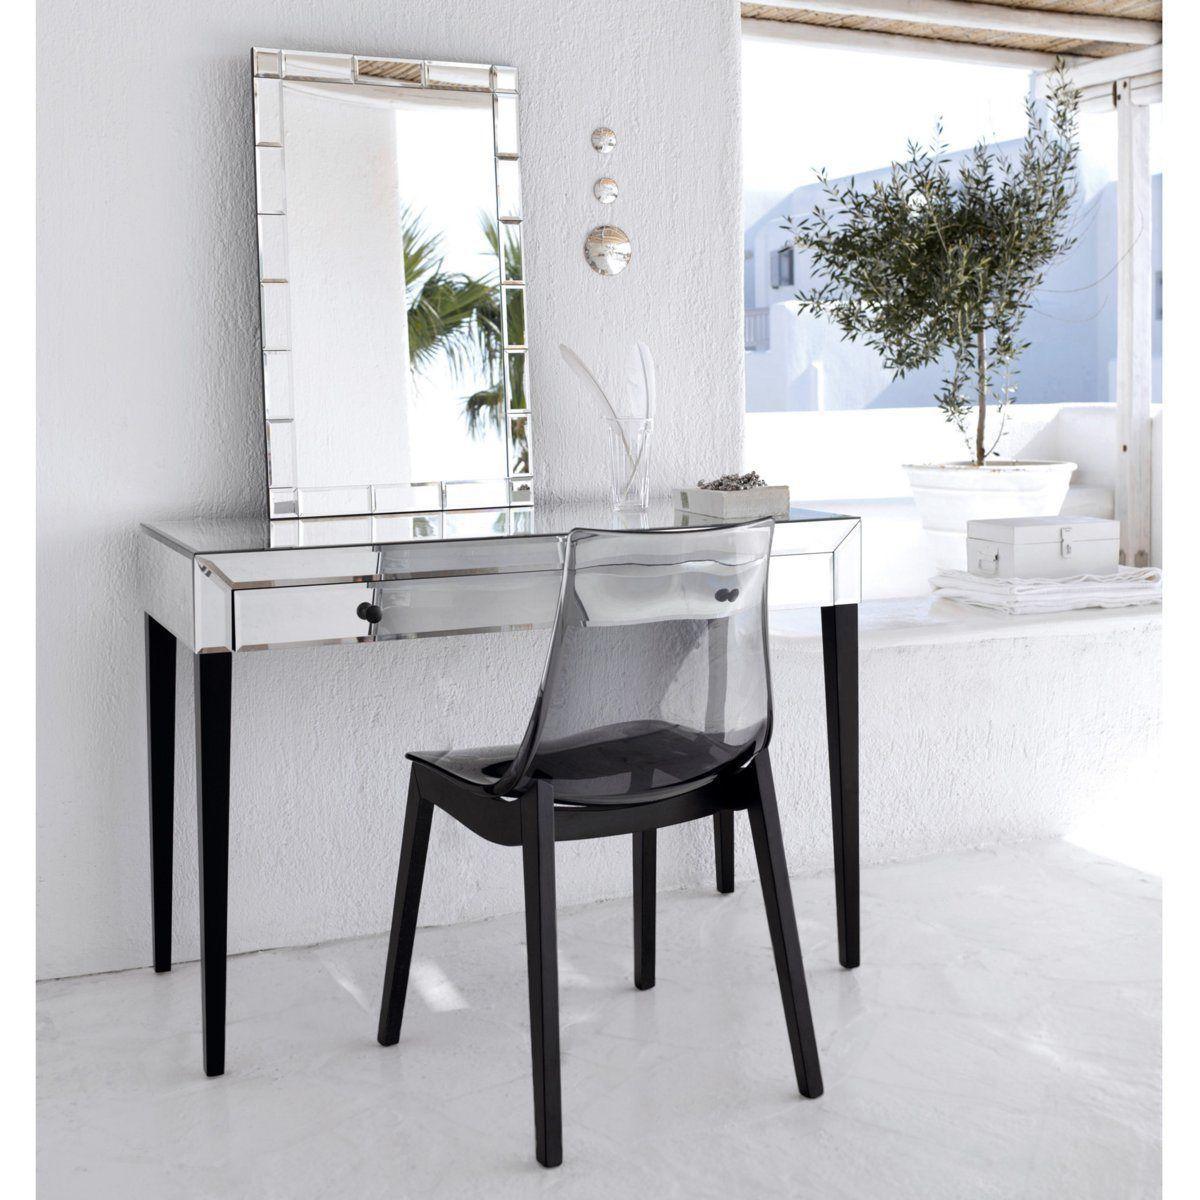 console miroir pas cher. Black Bedroom Furniture Sets. Home Design Ideas